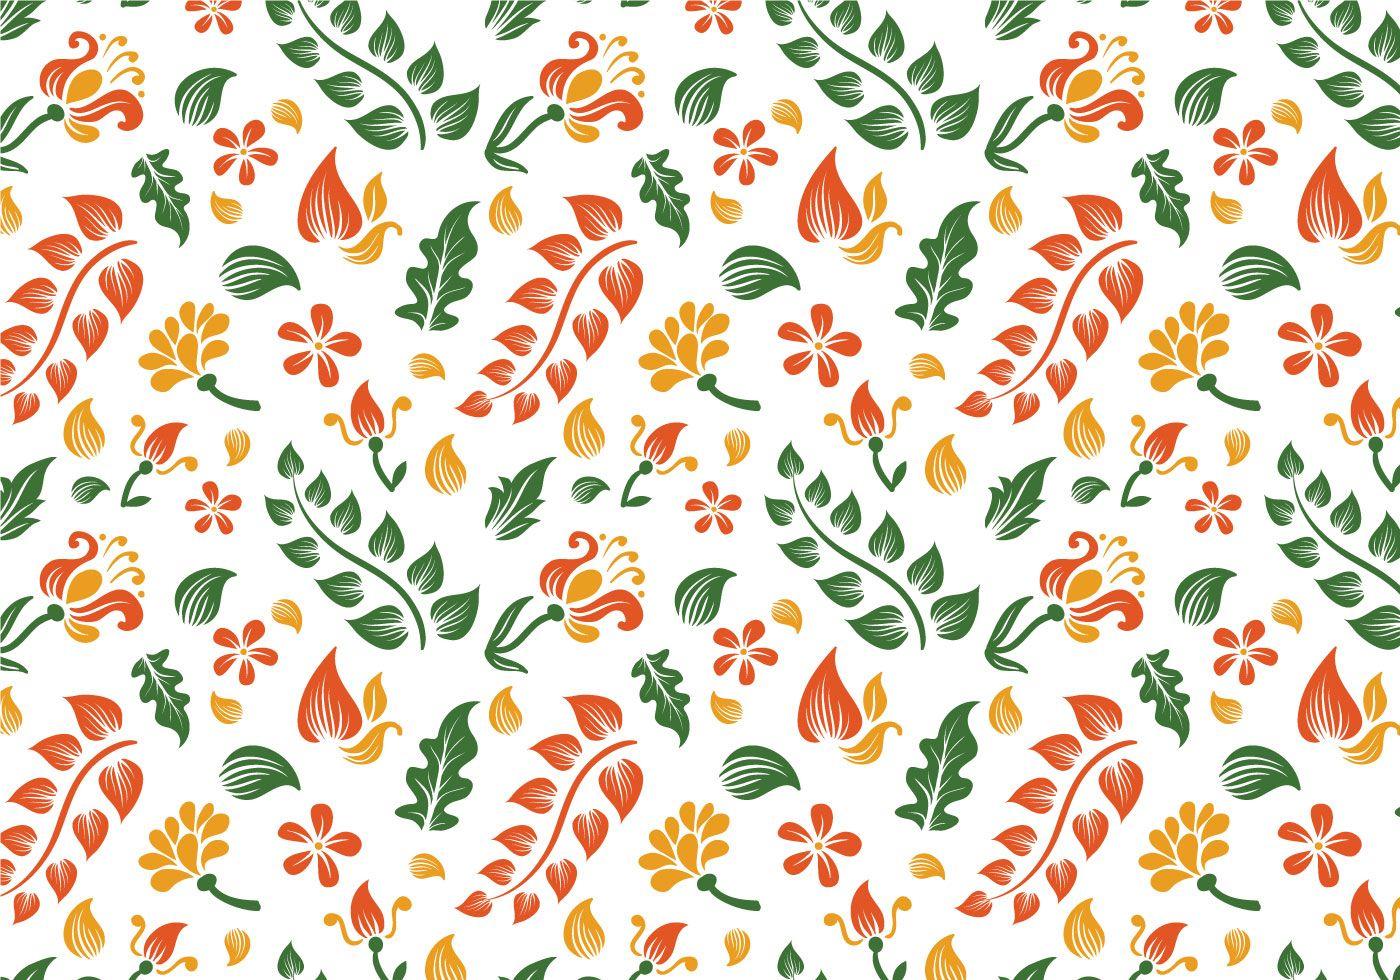 Free Batik Background Vectors